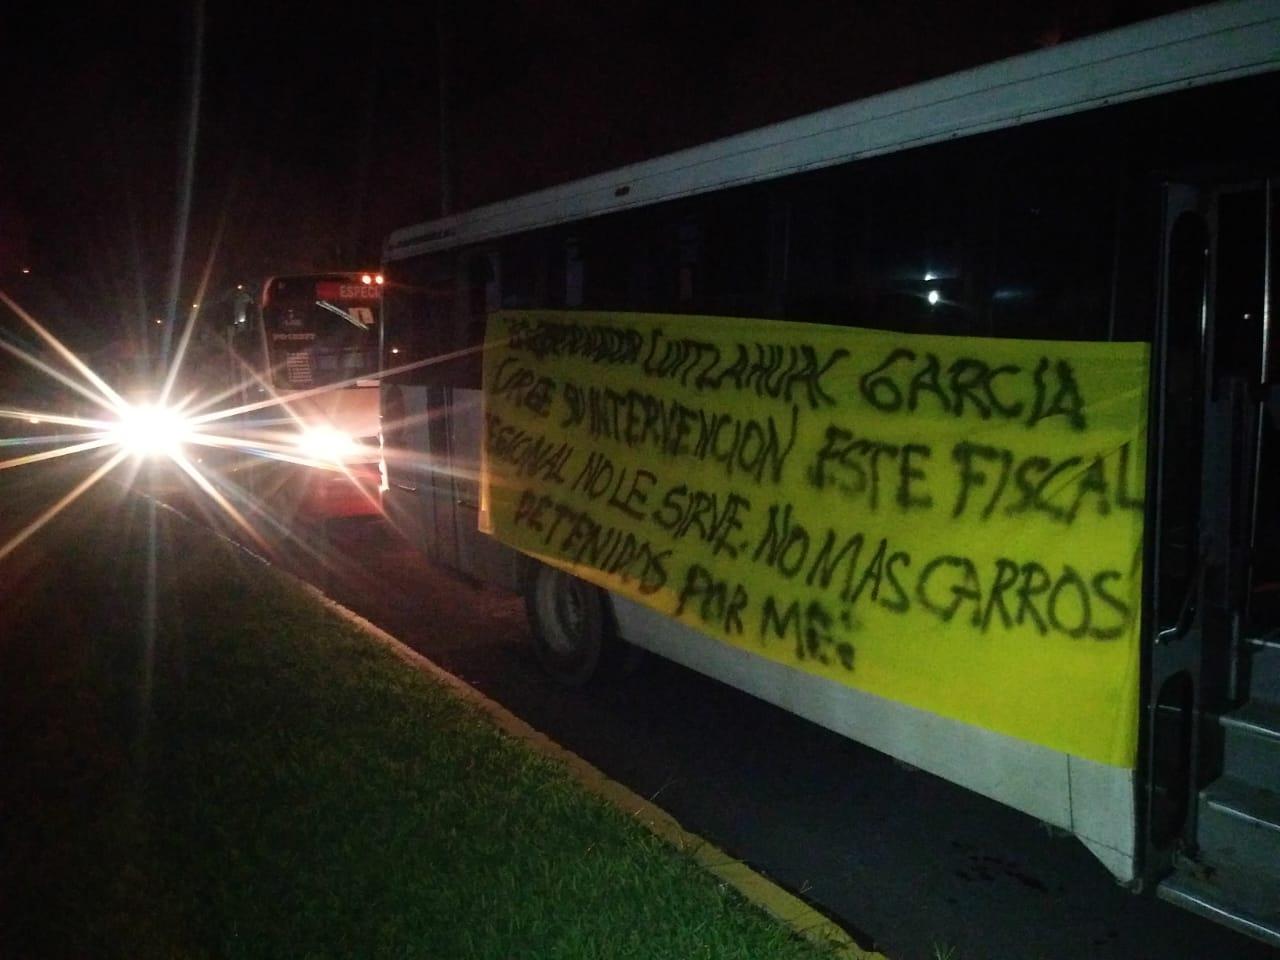 Transportistas acusan a Fiscalía de dilación para liberar unidades